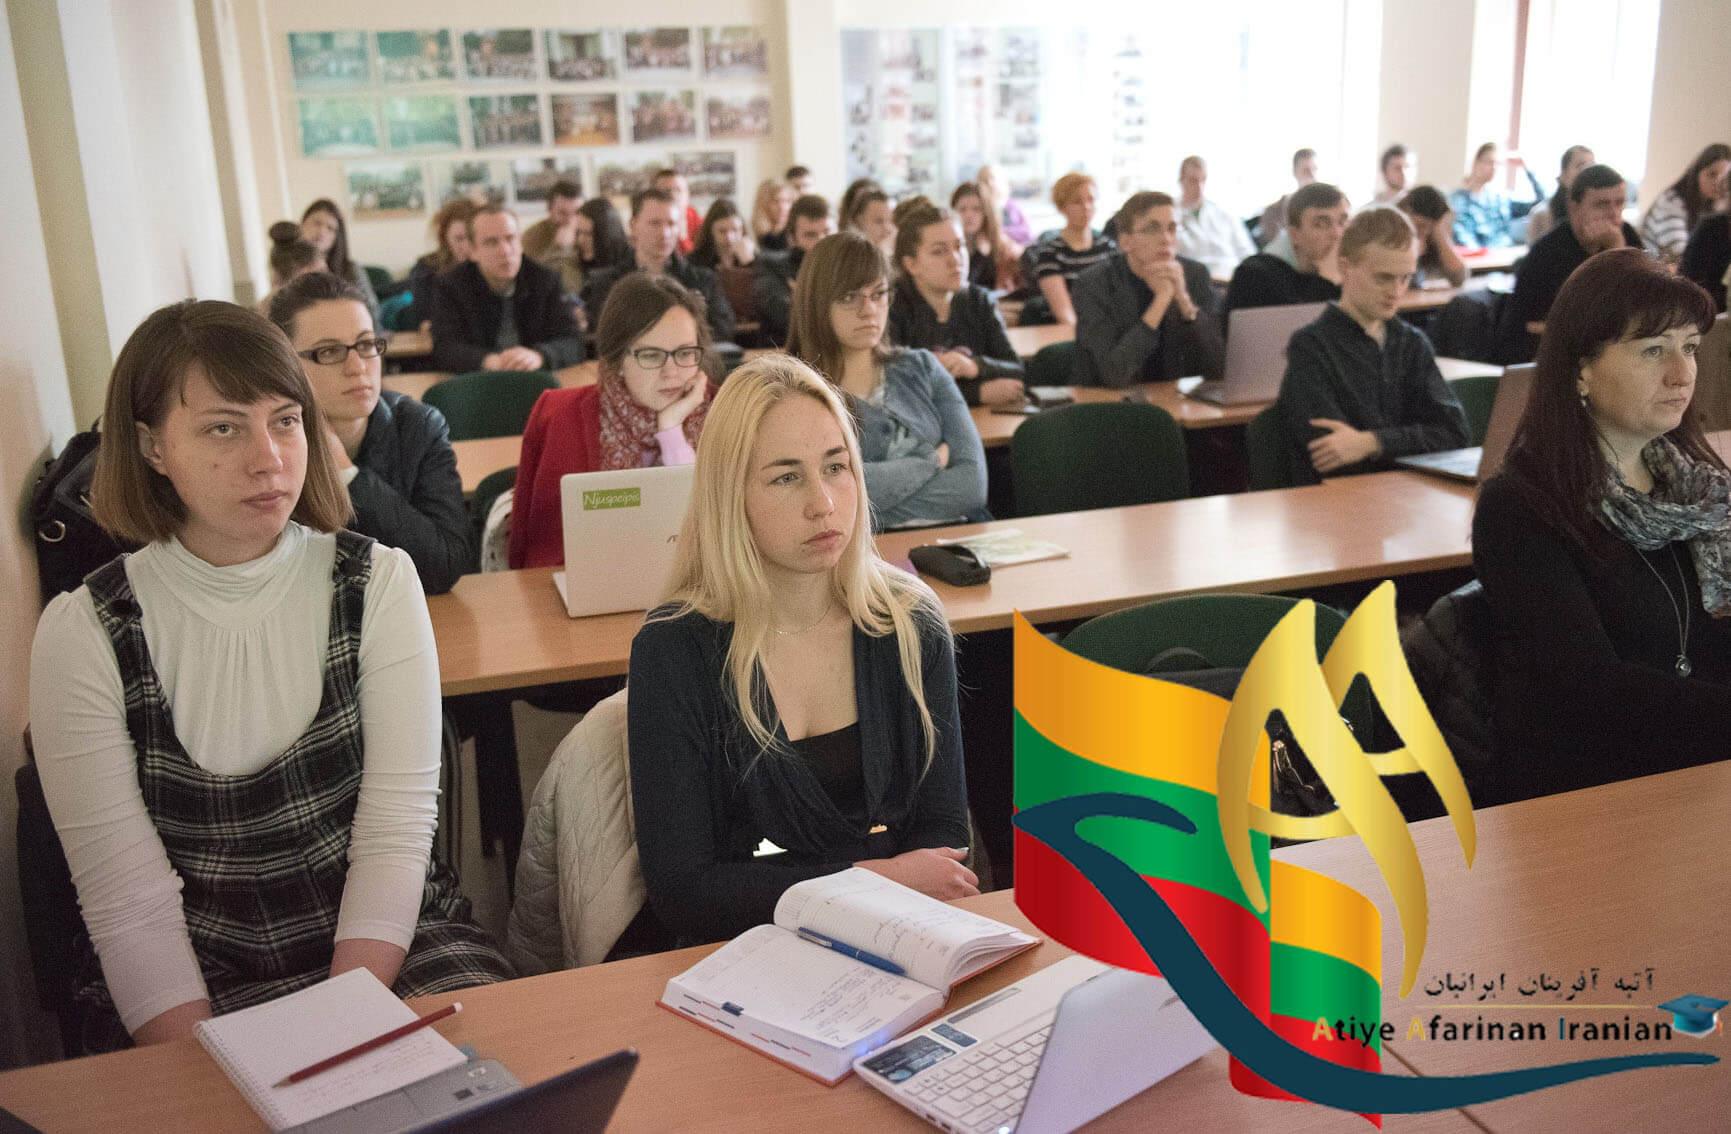 تحصیل کارشناسی در لیتوانی